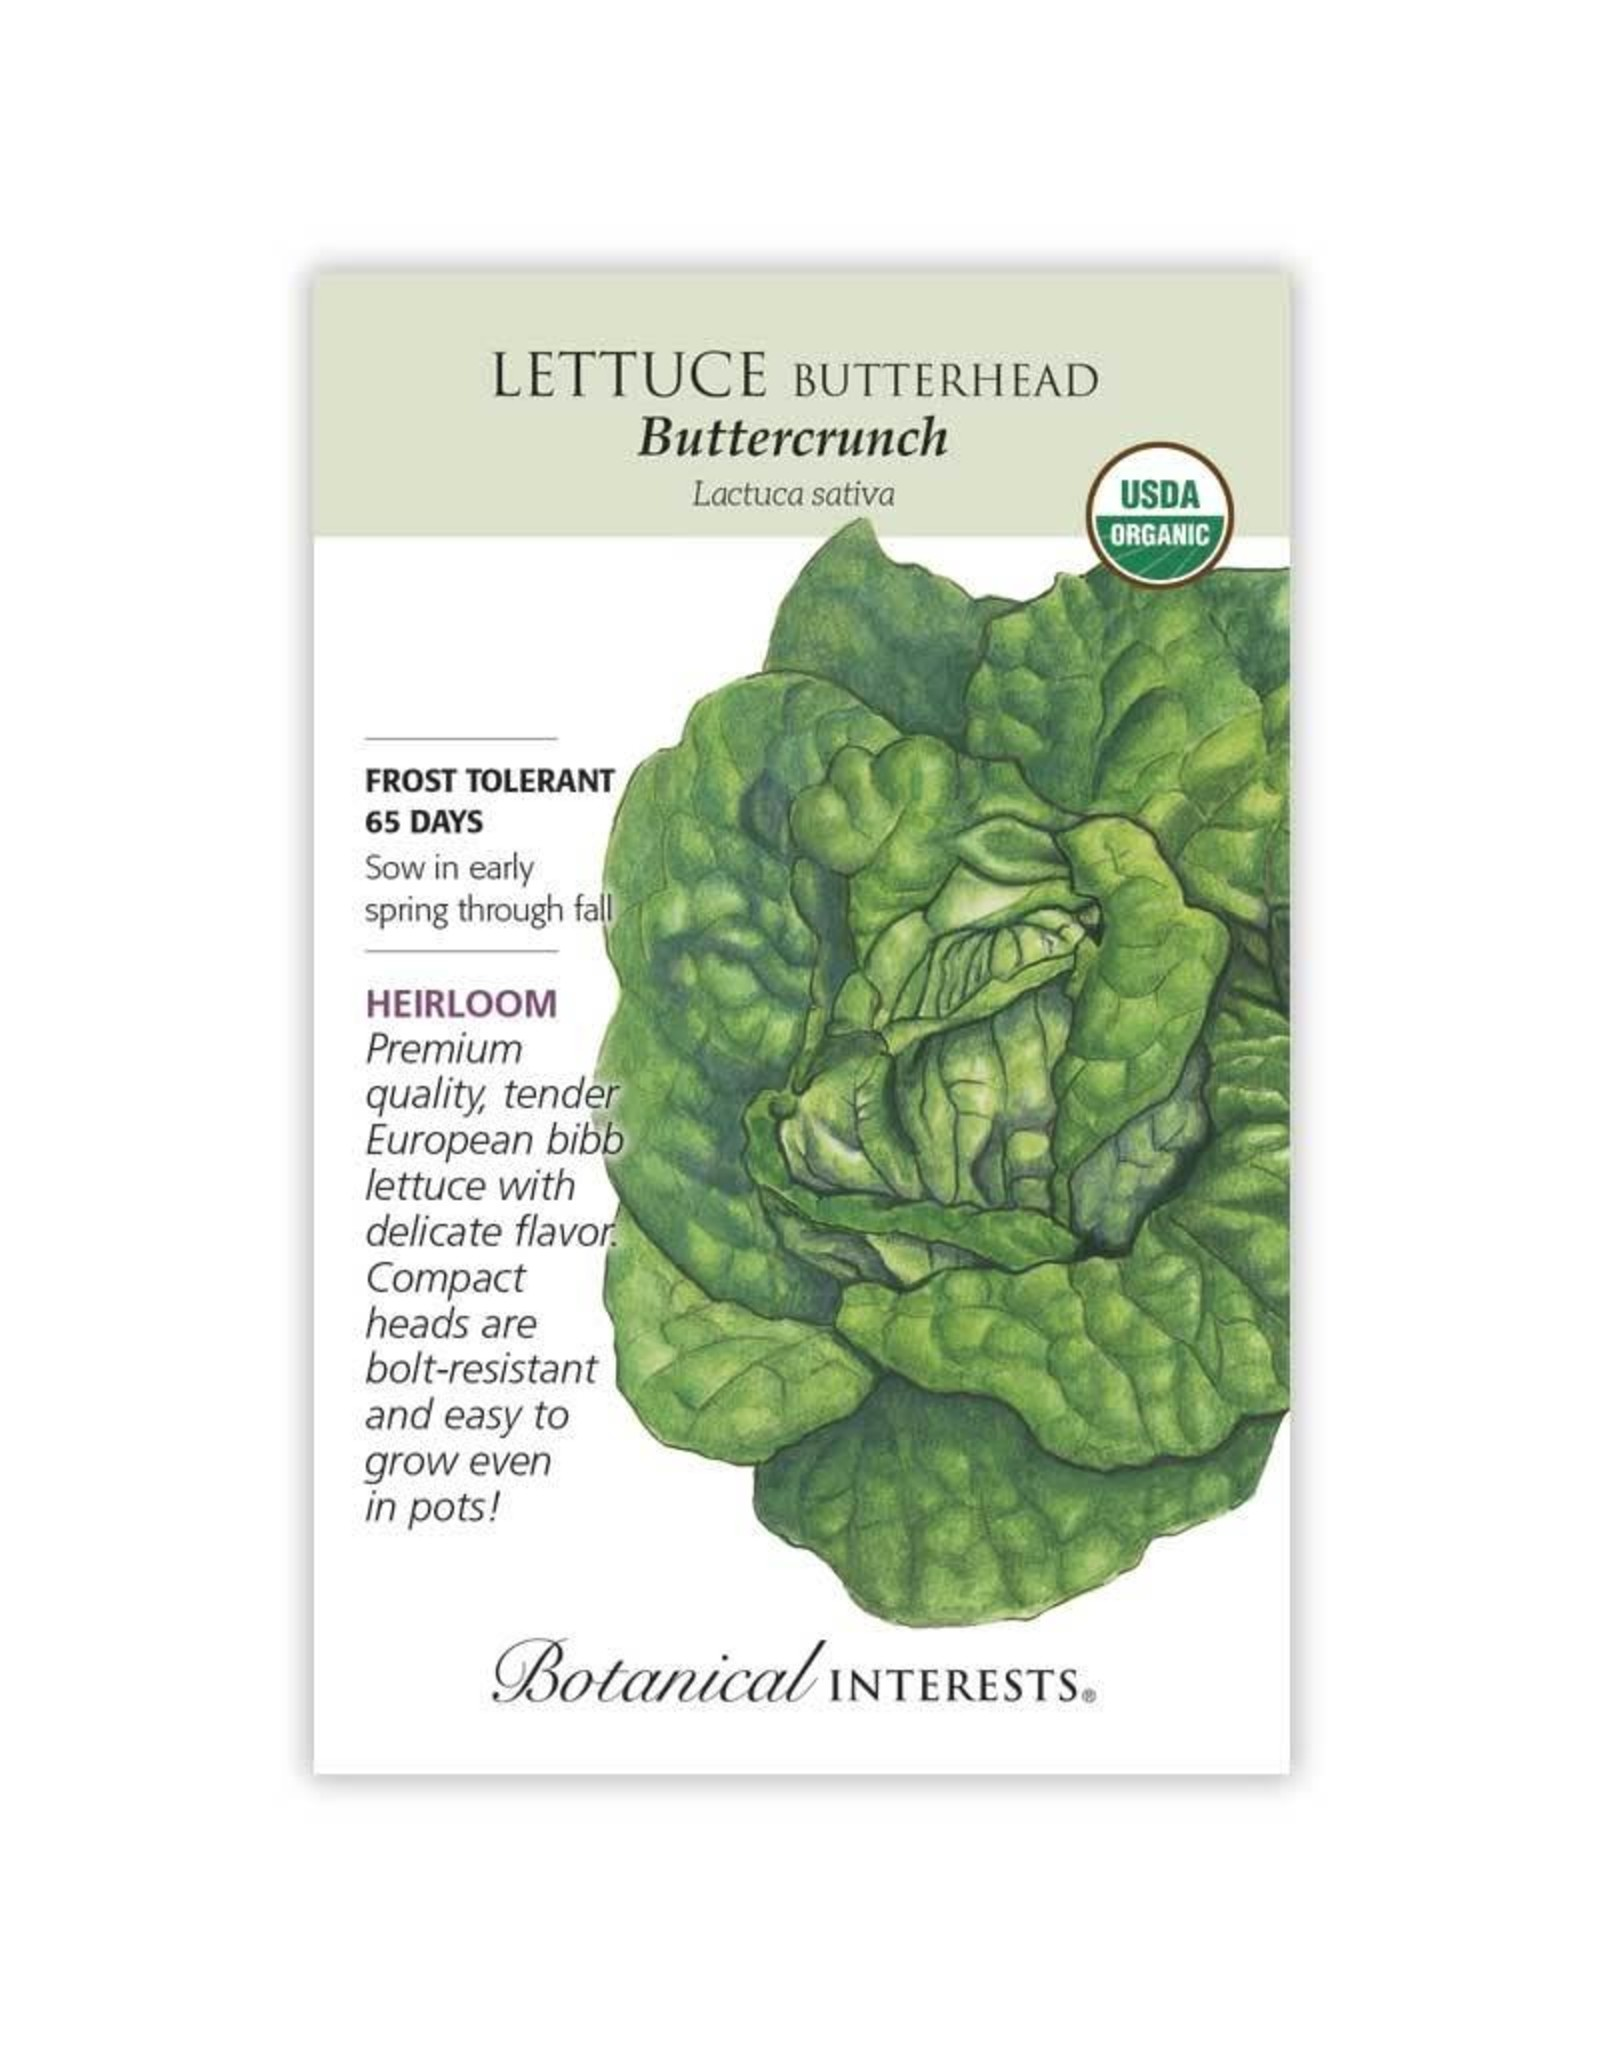 Seeds - Lettuce Butterhead Buttercrunch Org